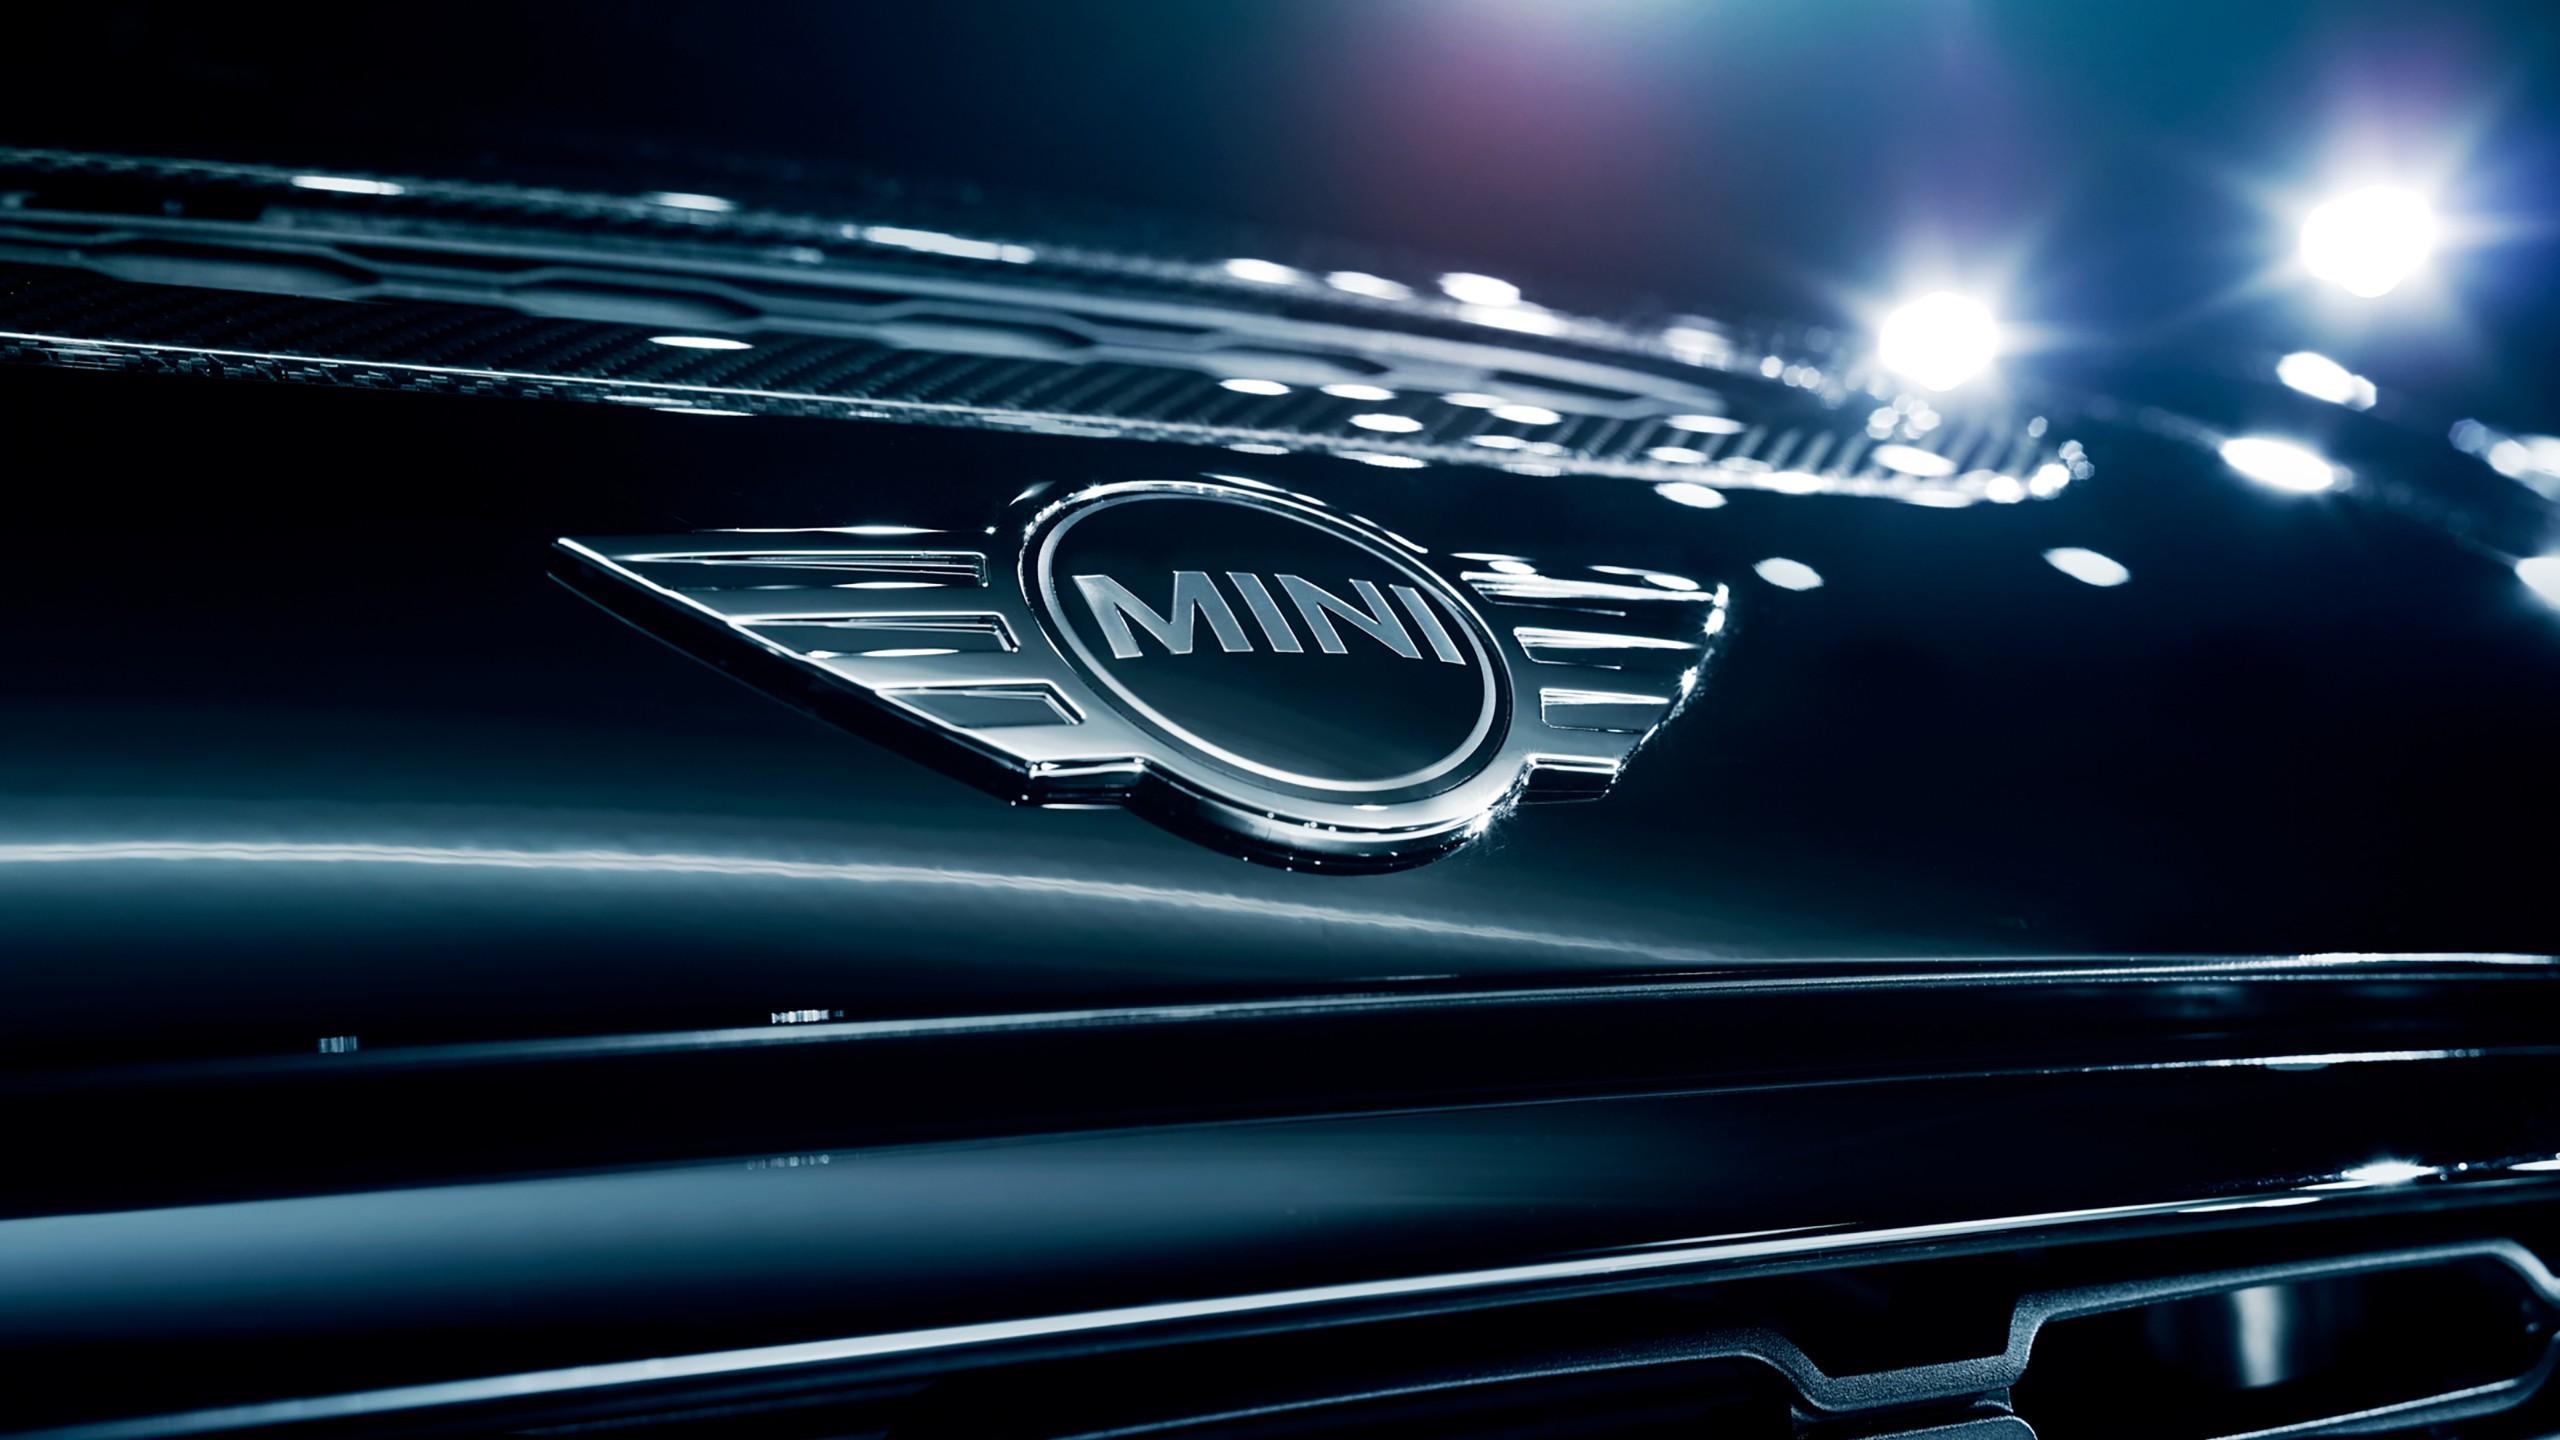 Mini Cooper BMW >> MINI LOGO Wallpaper | HD Car Wallpapers | ID #11685